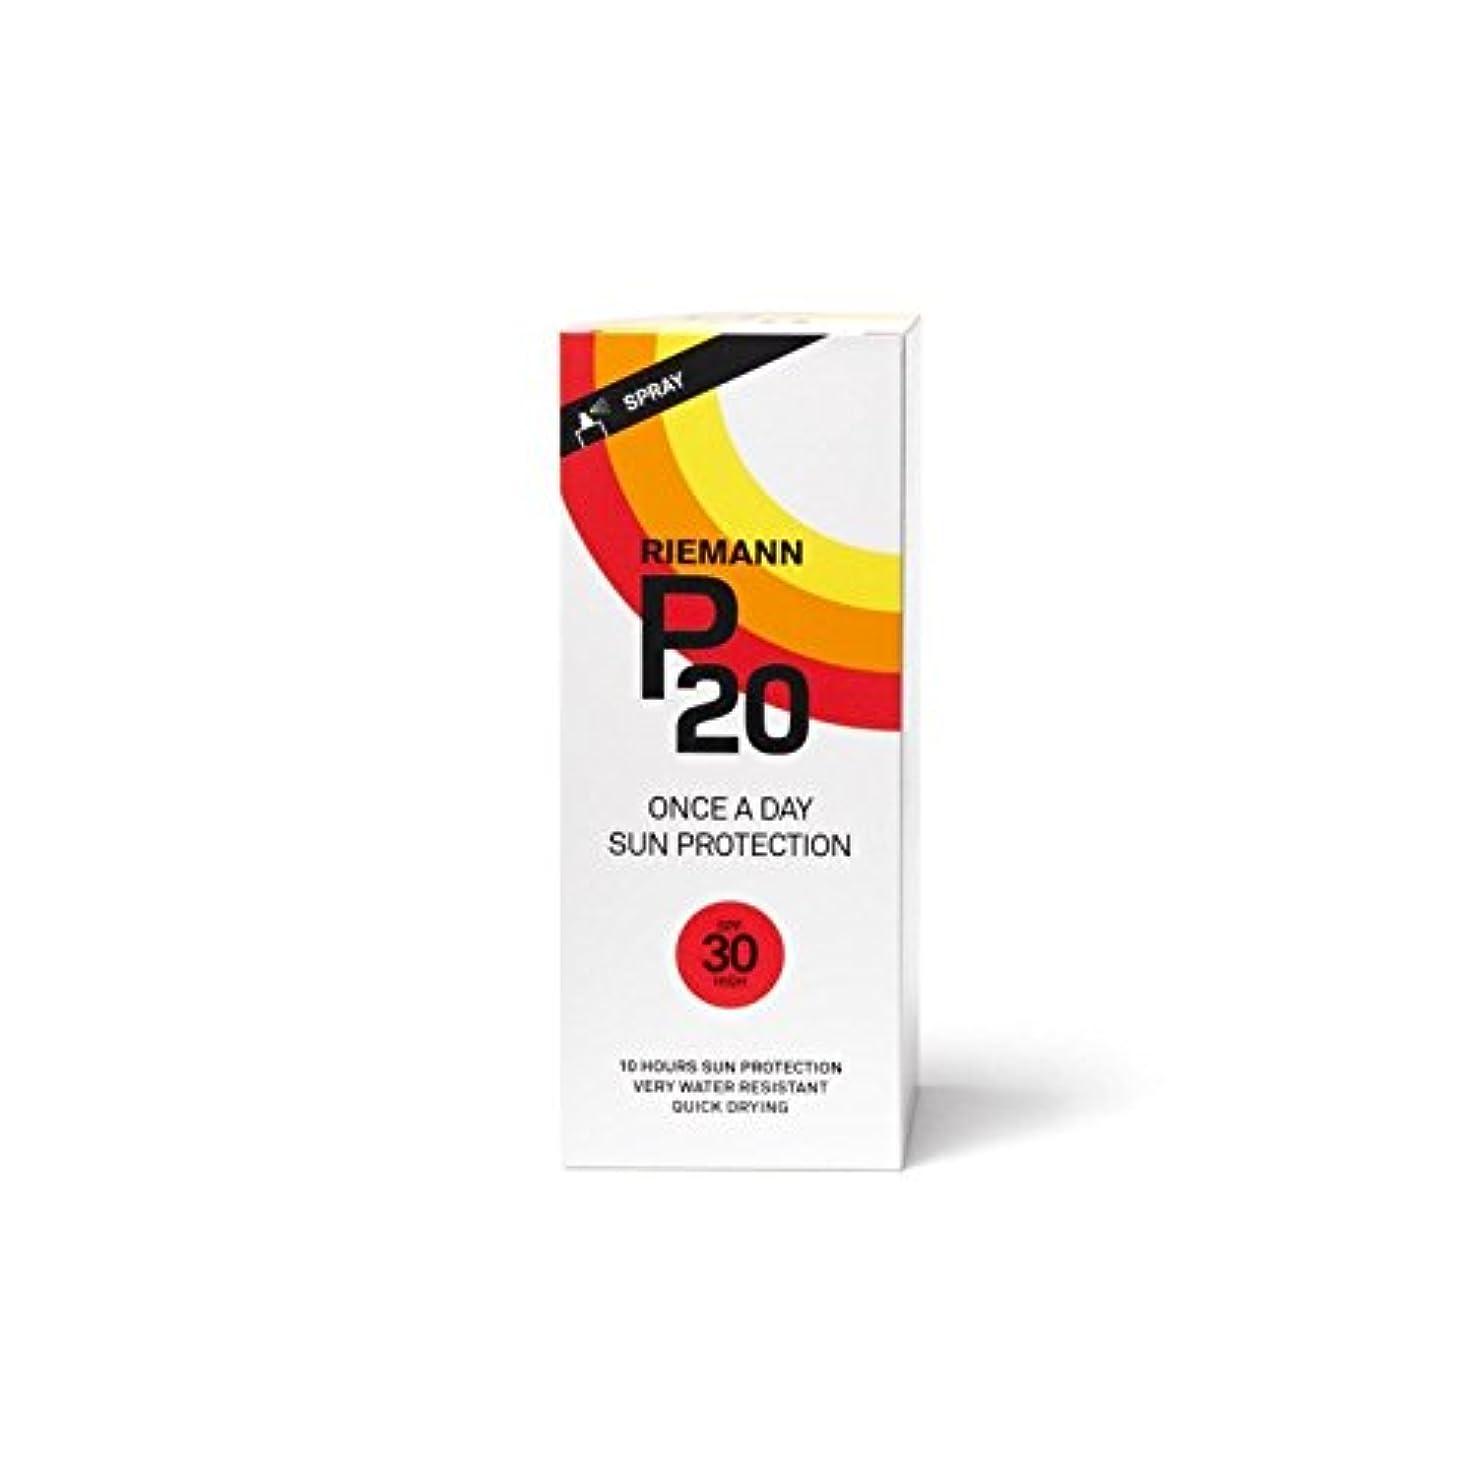 旧正月昇る歯車Riemann P20 Sun Filter 200ml SPF30 (Pack of 6) - リーマン20のサンフィルター200ミリリットル30 x6 [並行輸入品]